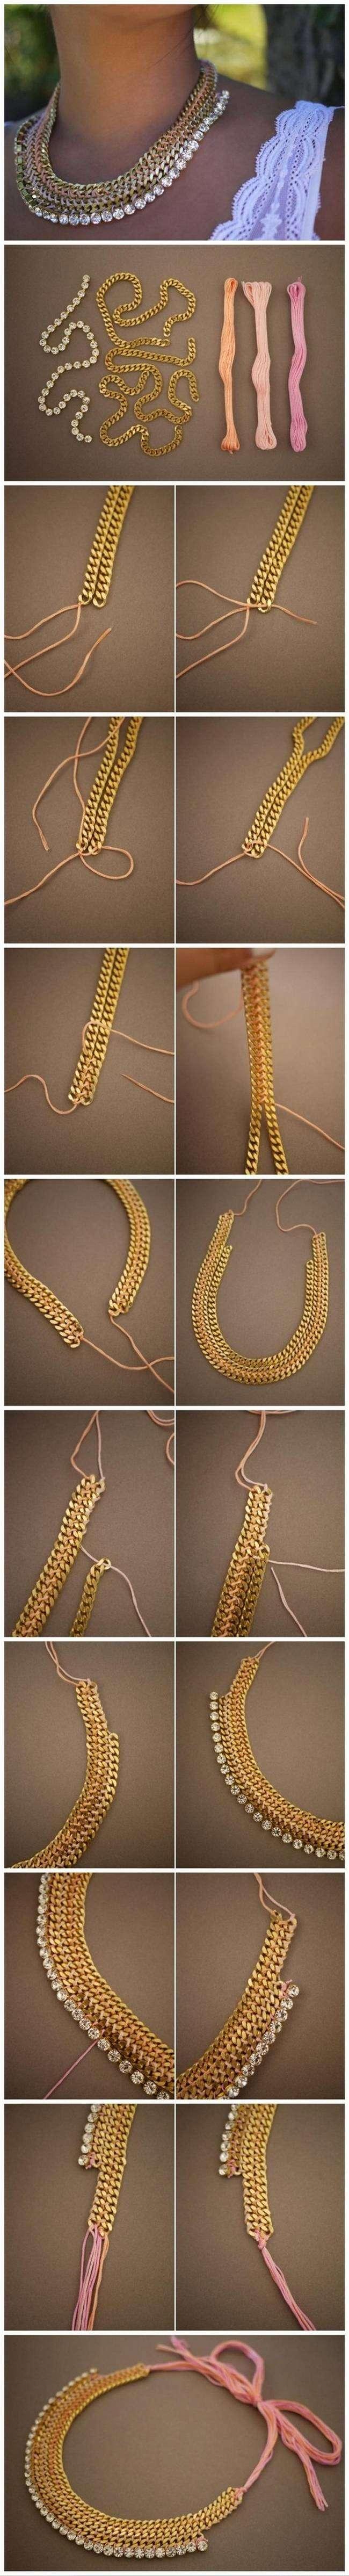 DIY gold necklace with precious stones